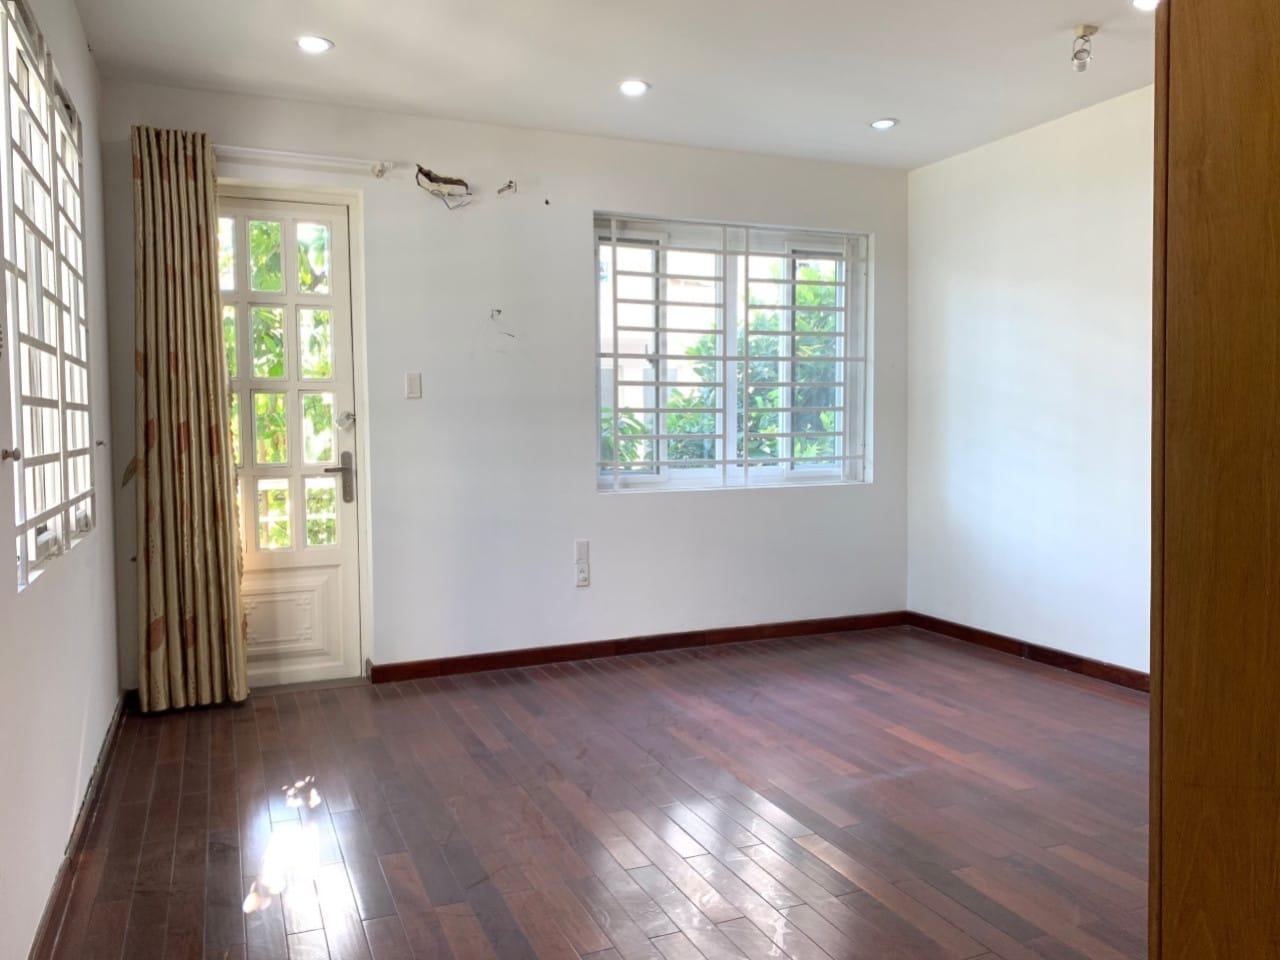 Bán Nhà Hẻm 1387 Huỳnh Tấn Phát, DT 5.5mx13m Nở Hậu 9m Rất Tuyệt. Giá 6.3 Tỷ